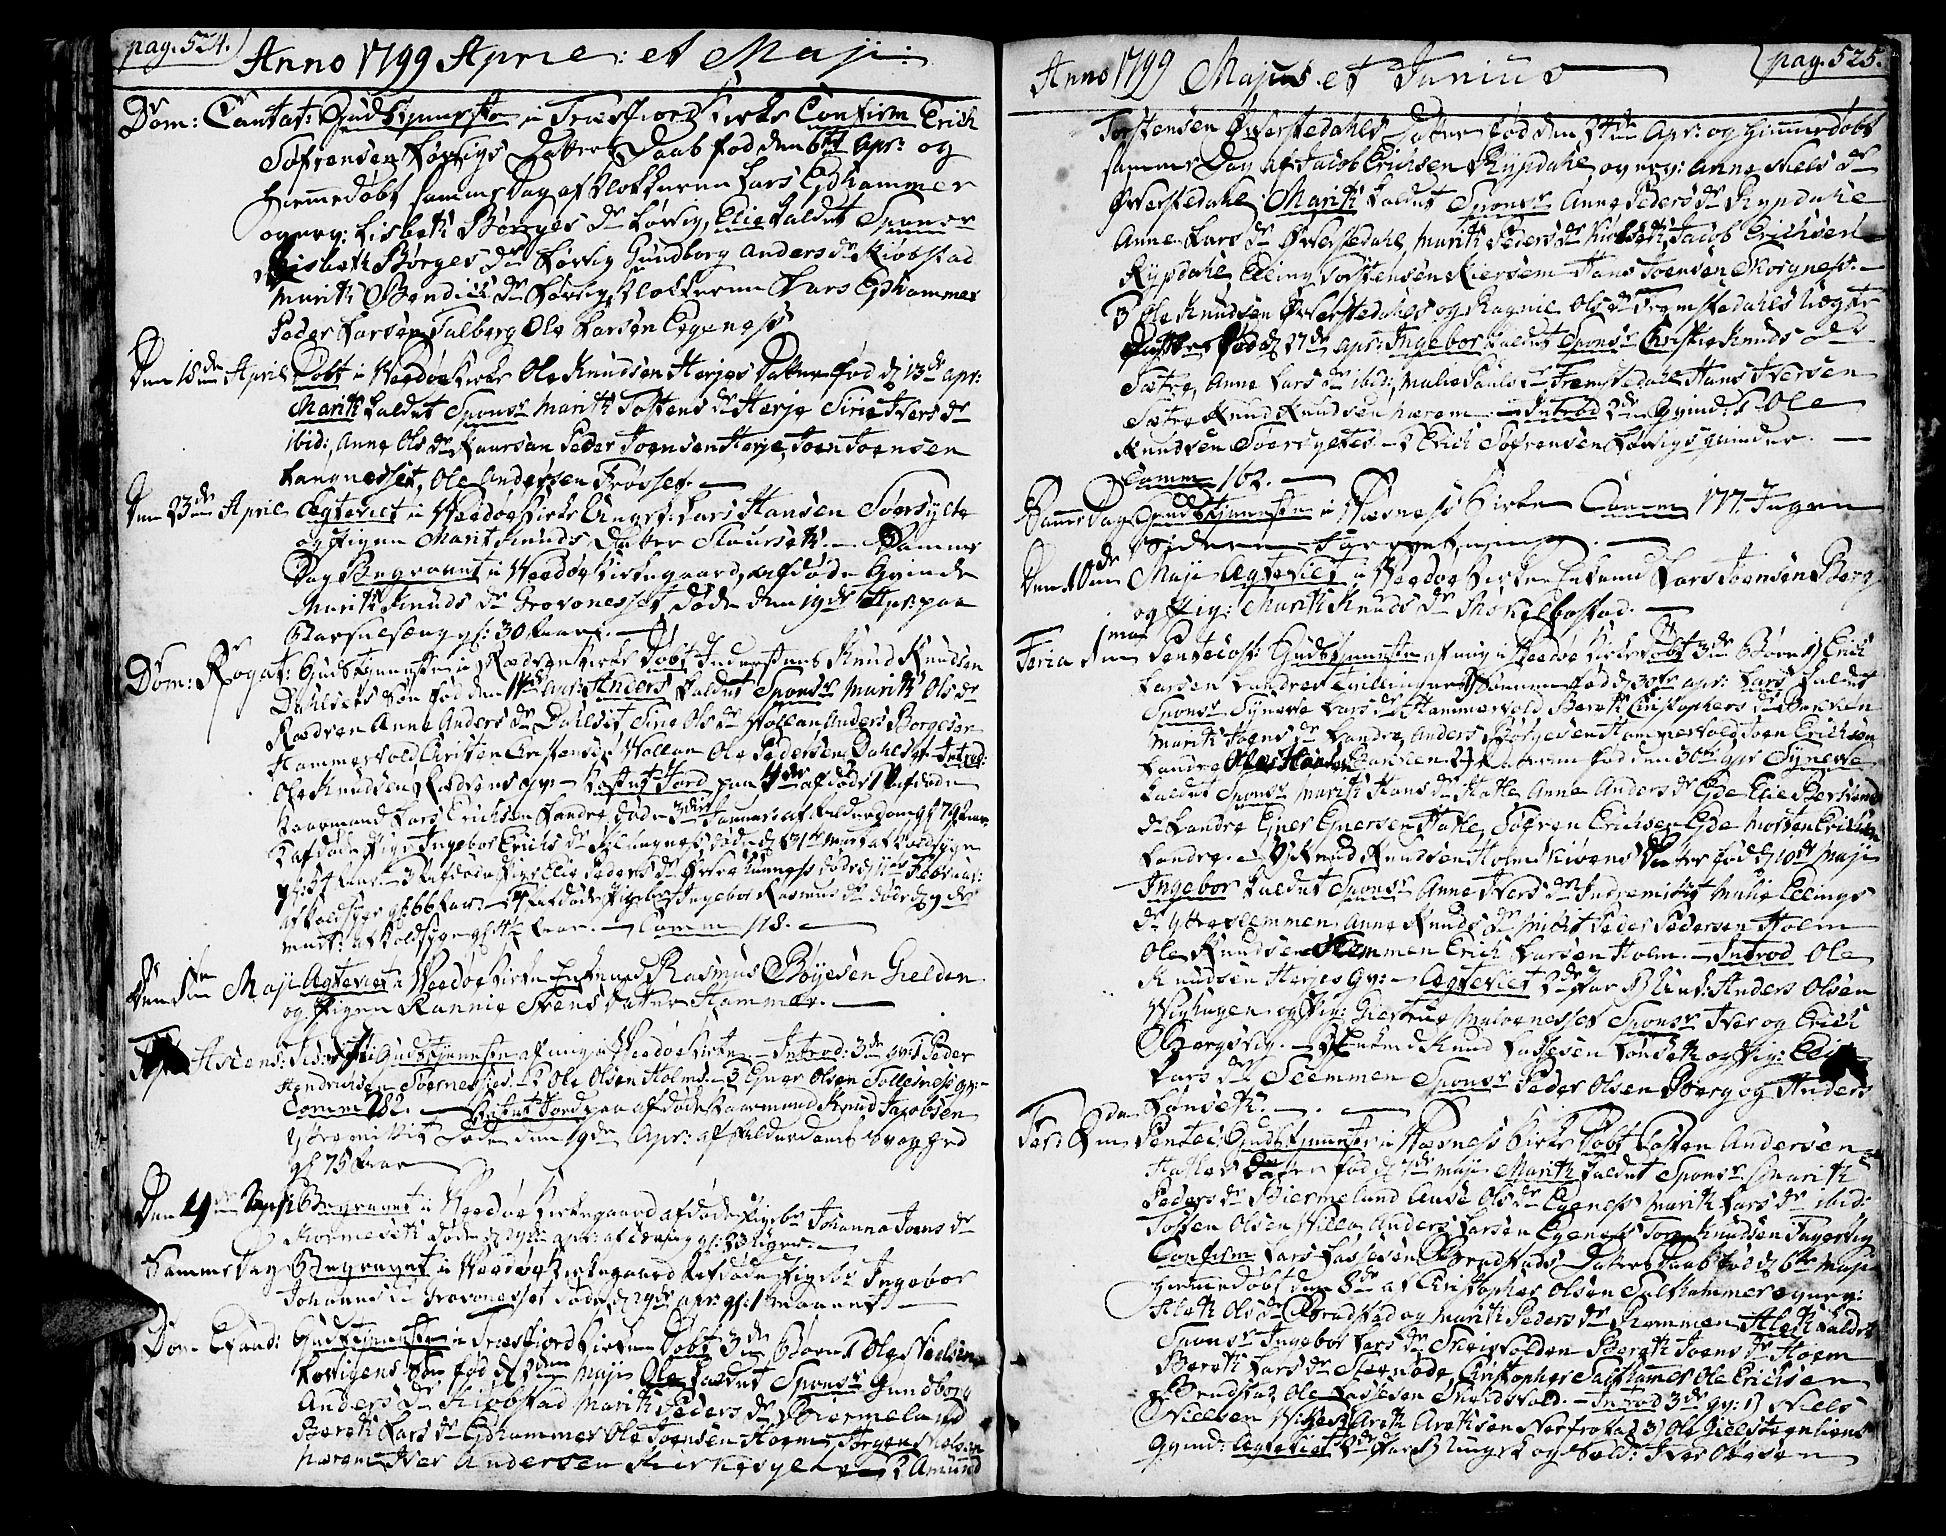 SAT, Ministerialprotokoller, klokkerbøker og fødselsregistre - Møre og Romsdal, 547/L0600: Parish register (official) no. 547A02, 1765-1799, p. 524-525